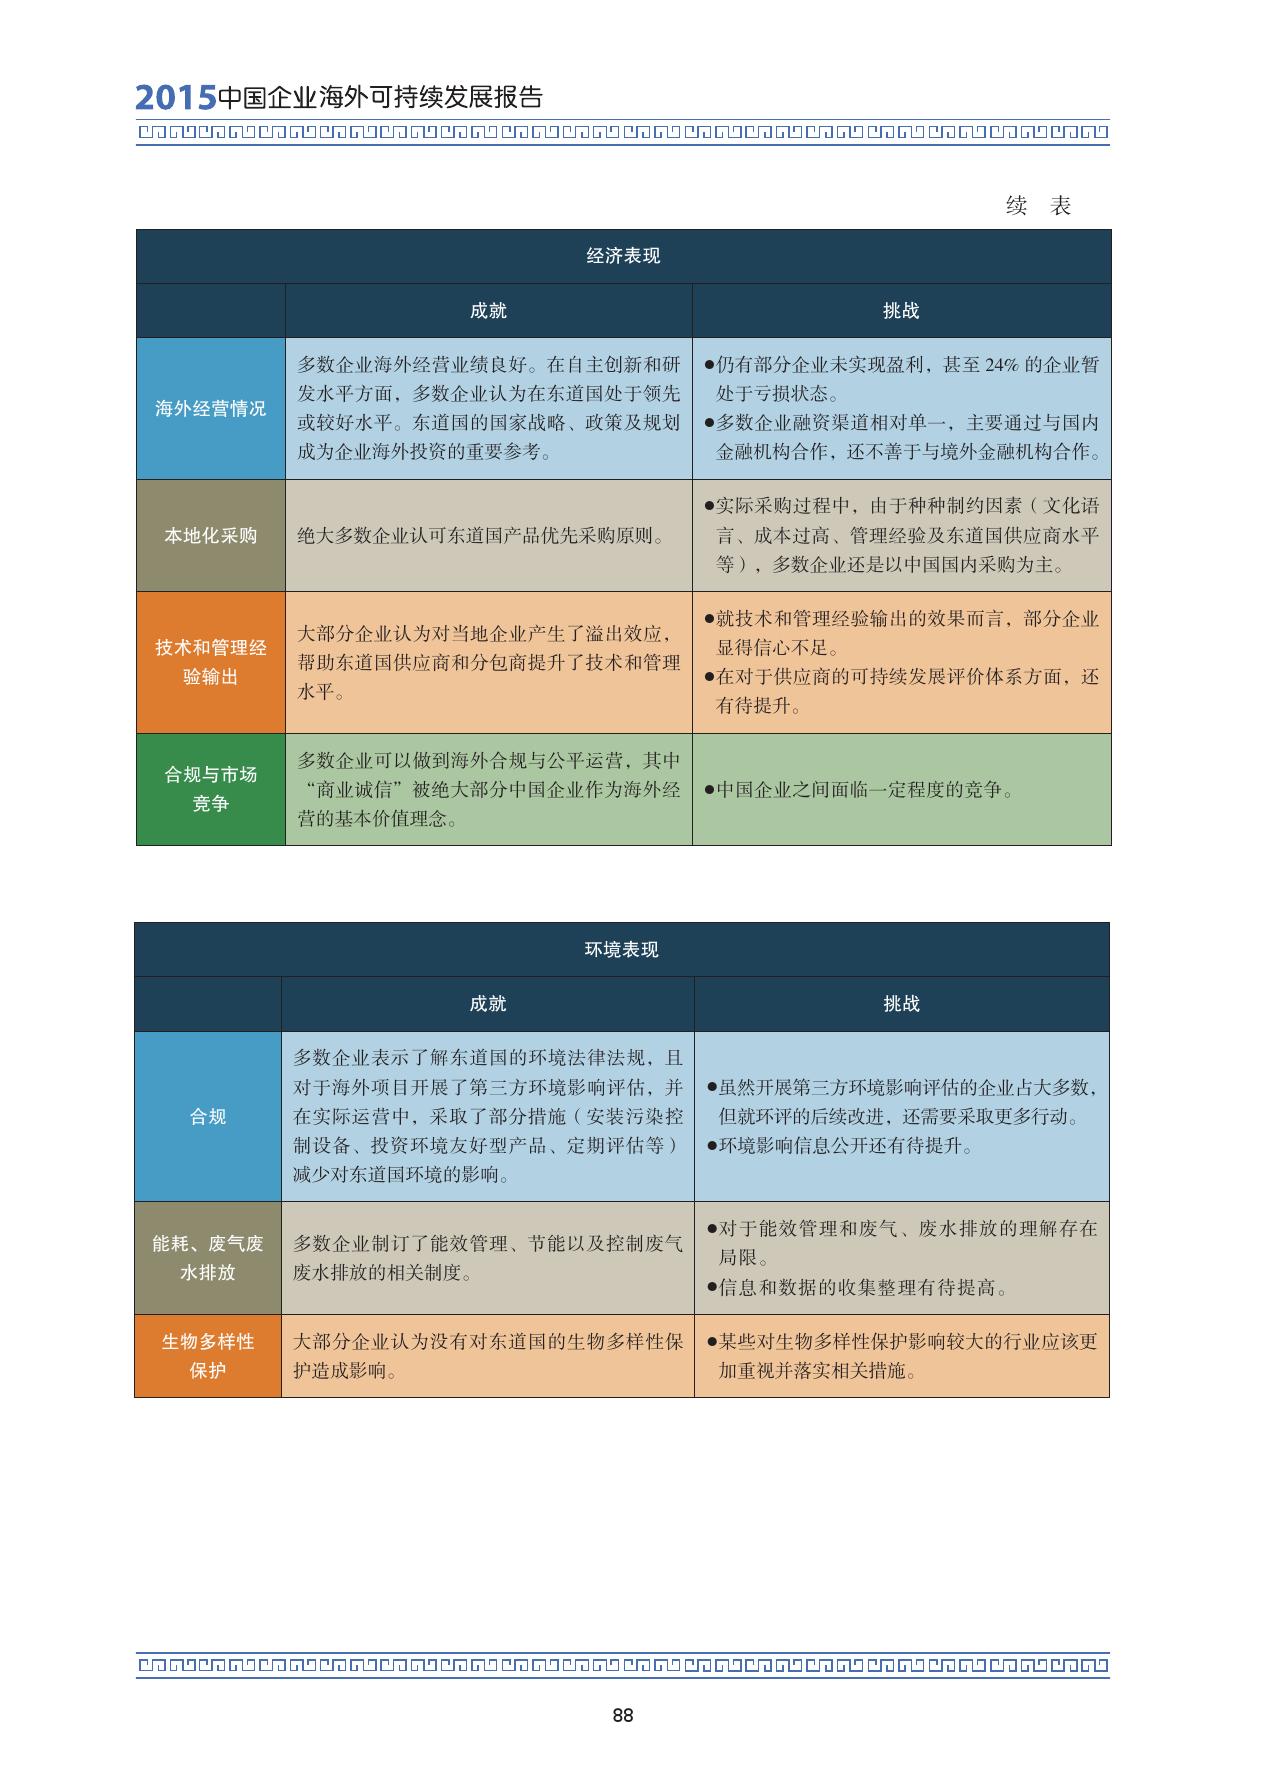 2015中国企业海外可持续发展报告_000102